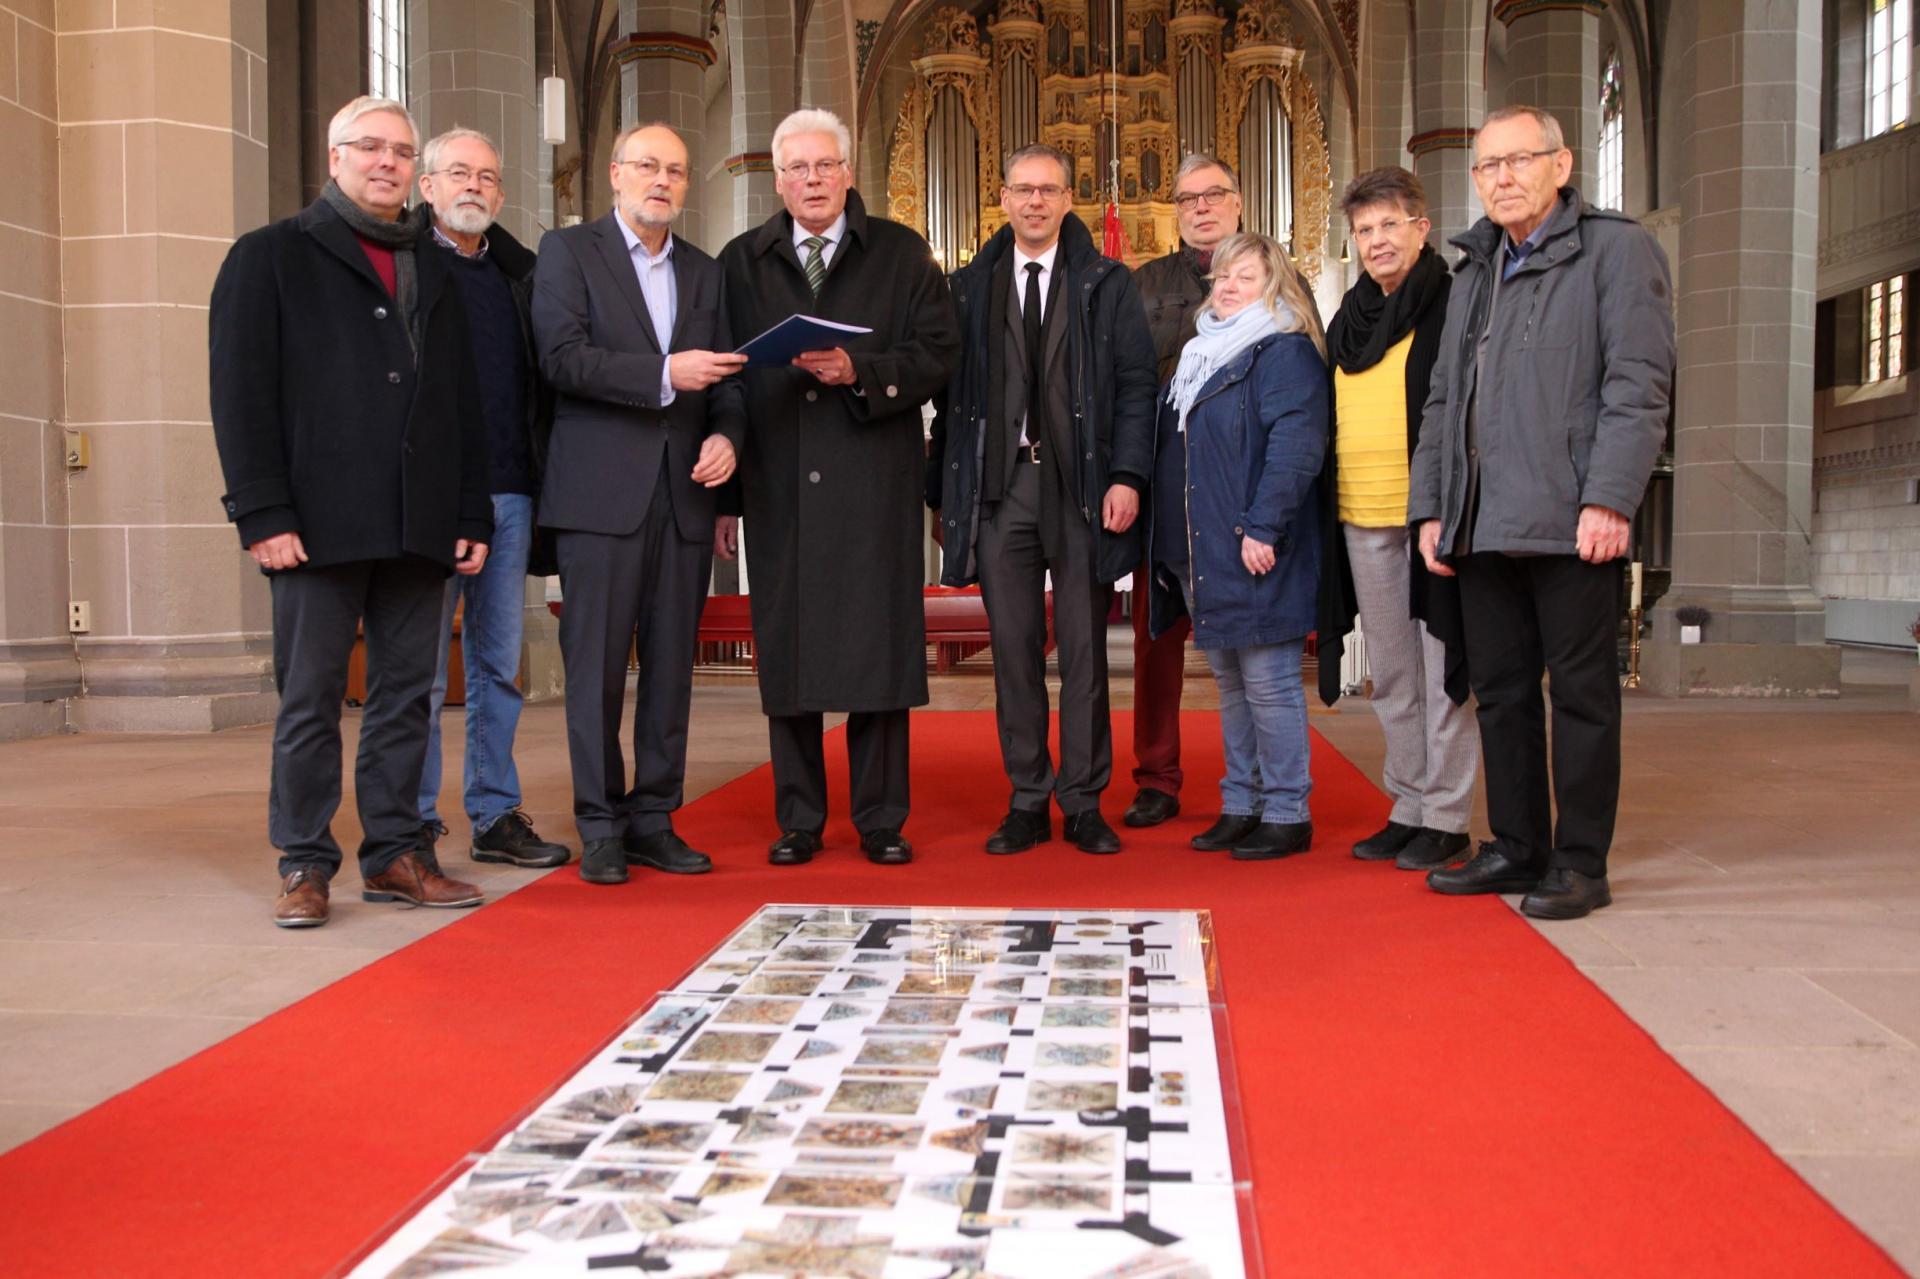 Das Bild zeigt die Gruppe mit dem Präsidenten der Klosterkammer Hans-Christian Biallas bei der Scheckübergabe am 02.12.2019